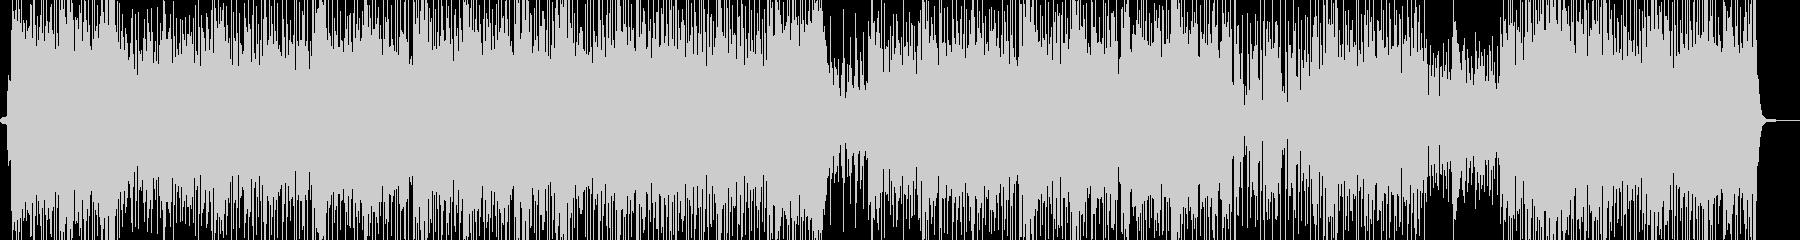 エスニックでトロピカルなレゲェポップの未再生の波形